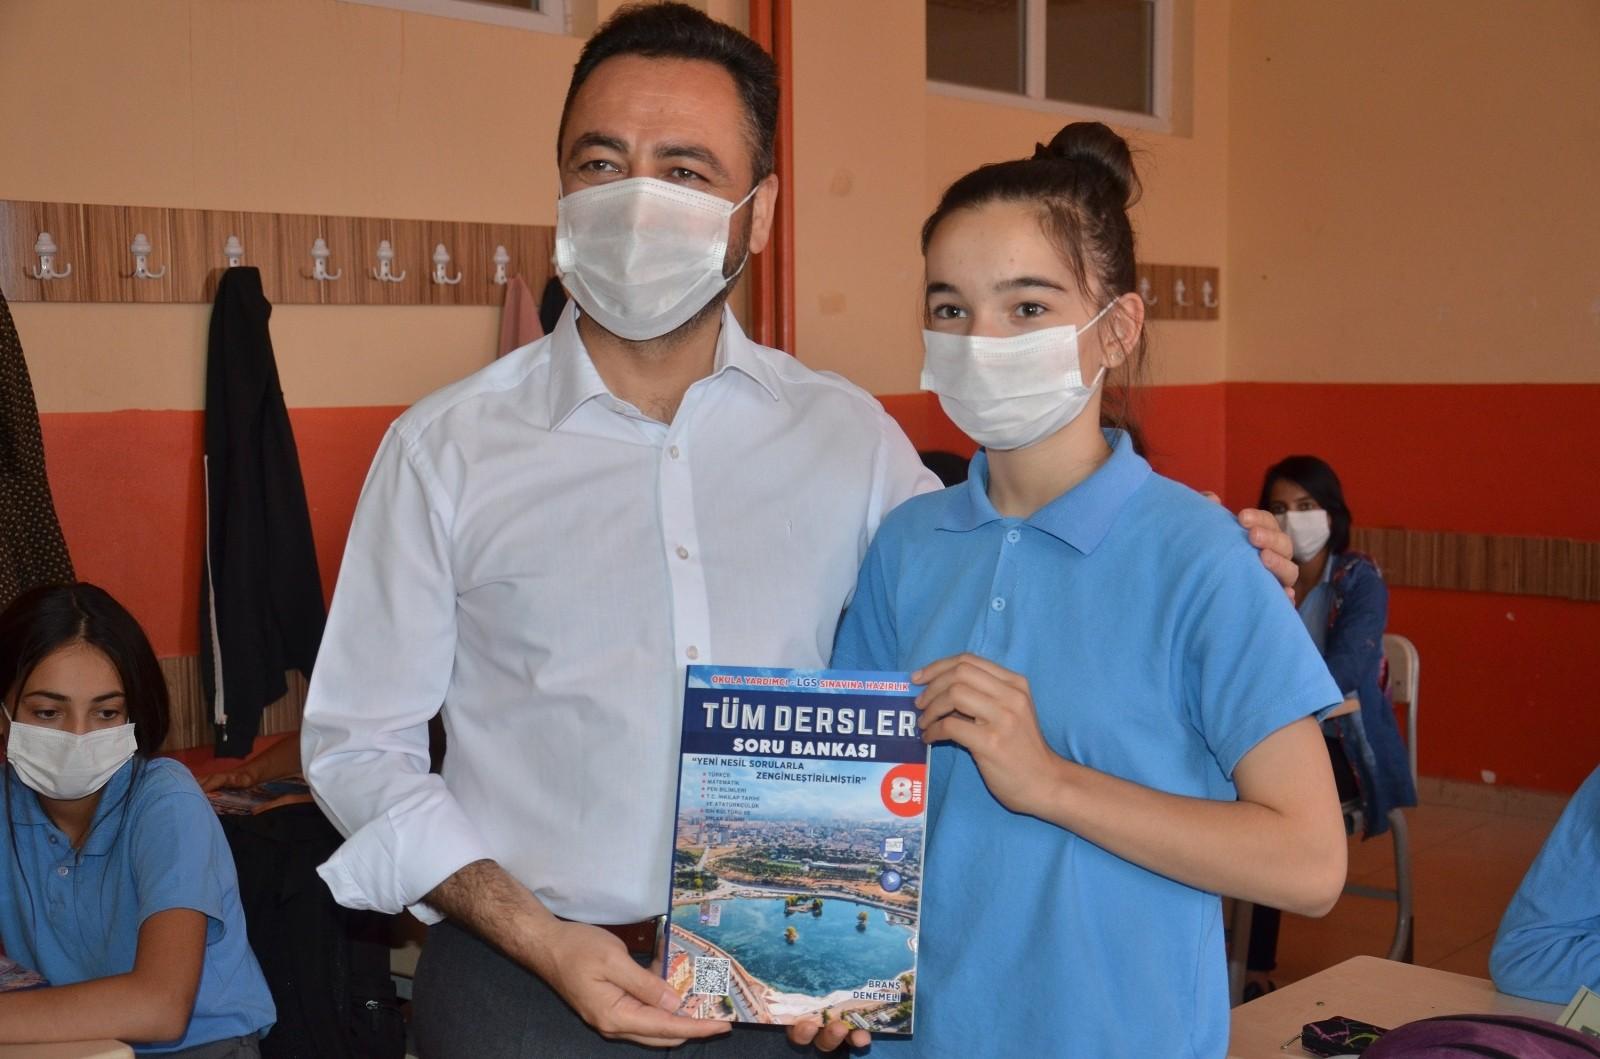 Elbistan Belediyesi'nden sınava girecek öğrencilere destek